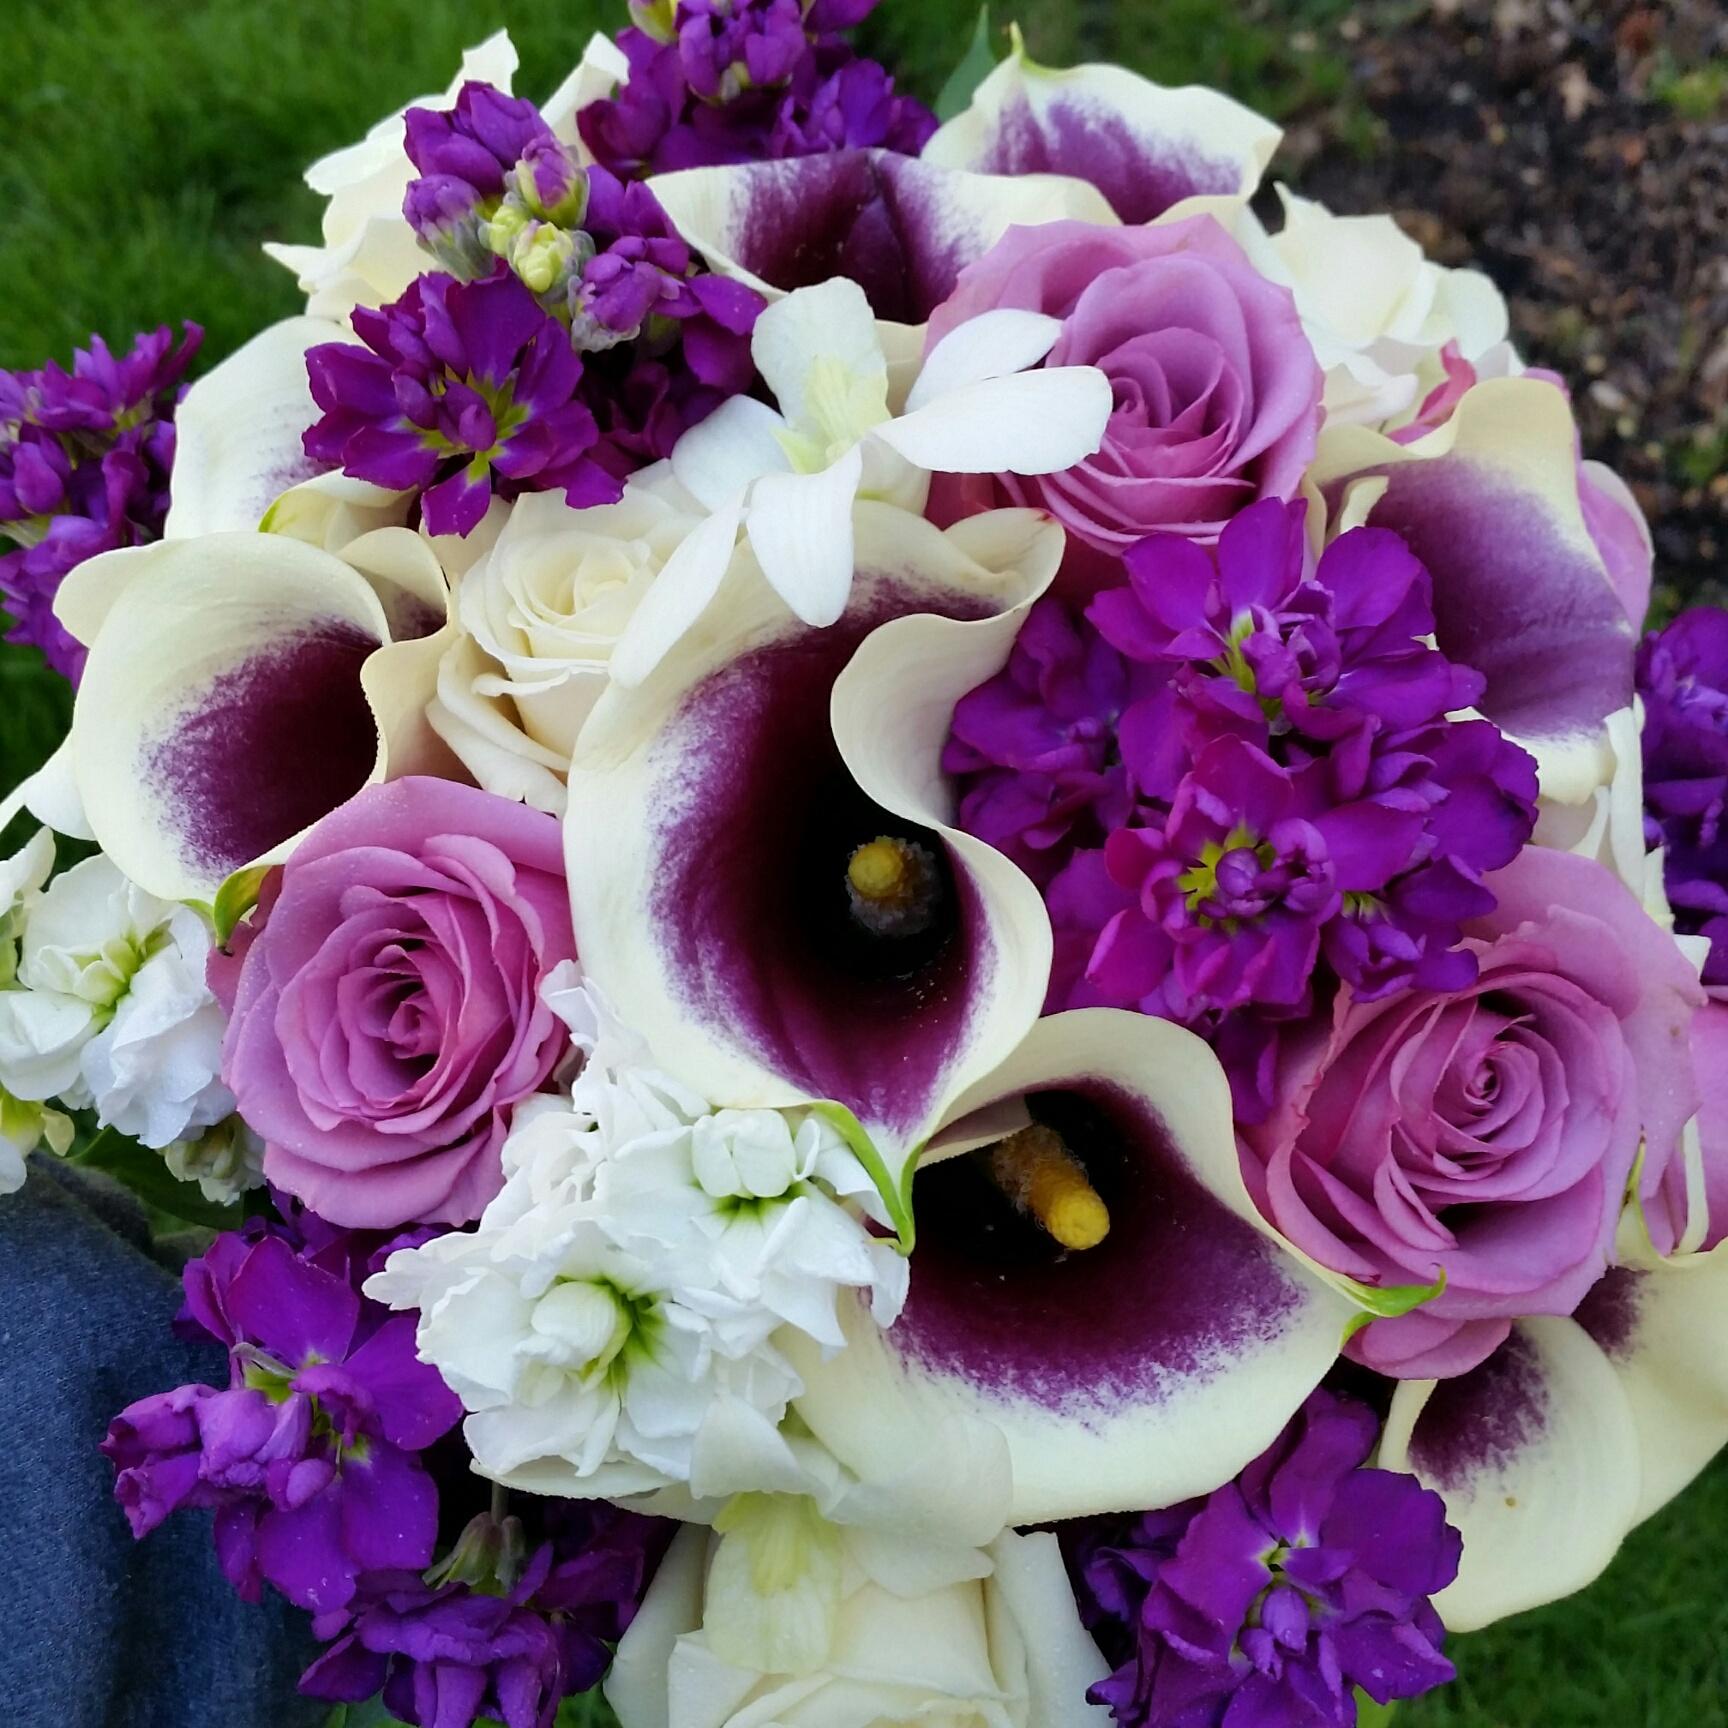 Cranford Resident Creates GORGEOUS Floral Arrangements